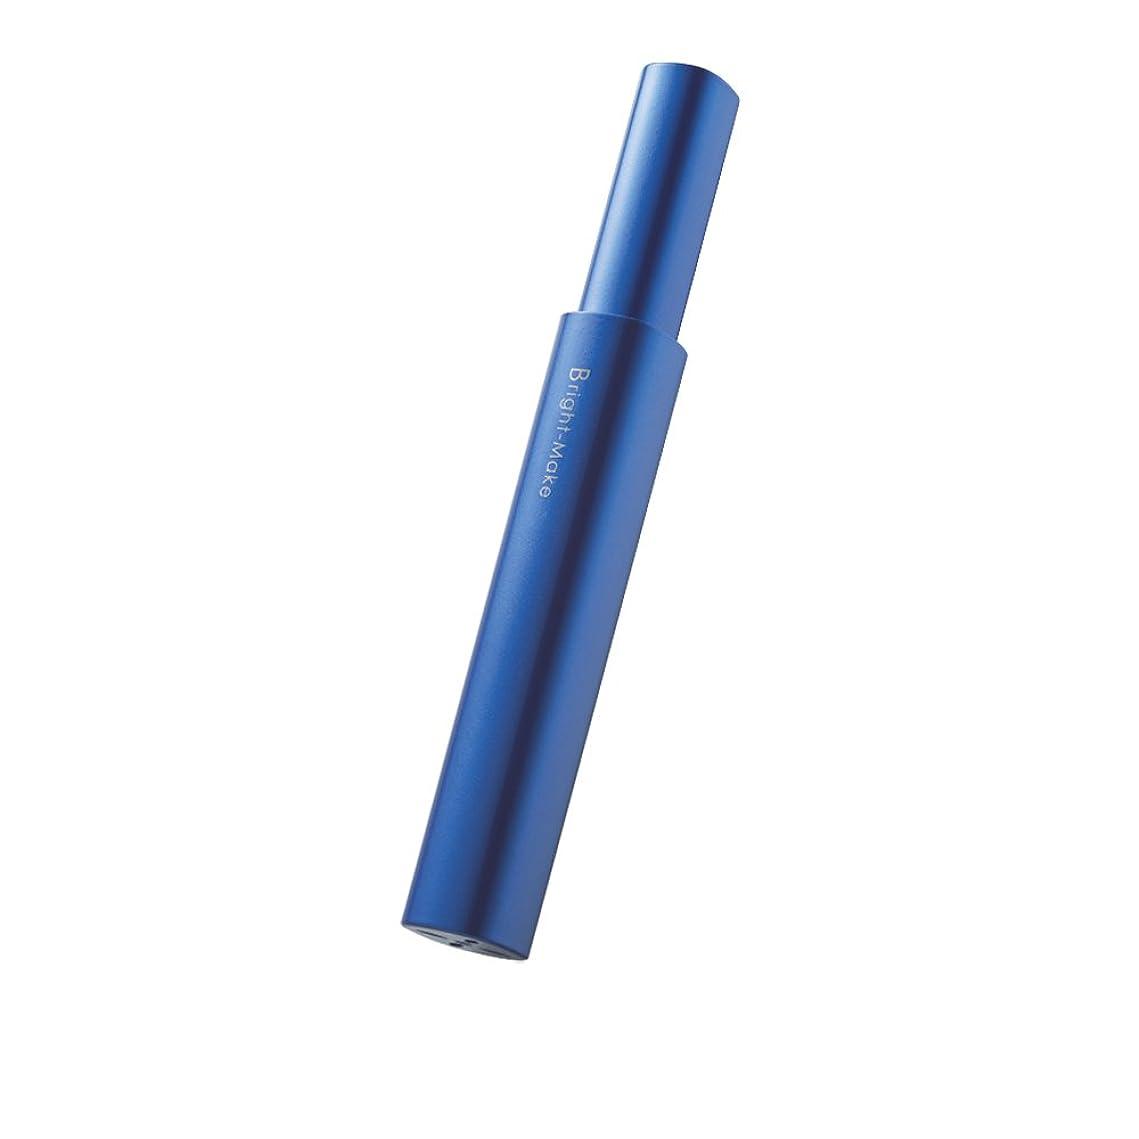 ゴール飼料飲食店オーヴィックス 電動歯ブラシ Bright-Make(ブライトメイク) ネイビー BRM-NV01